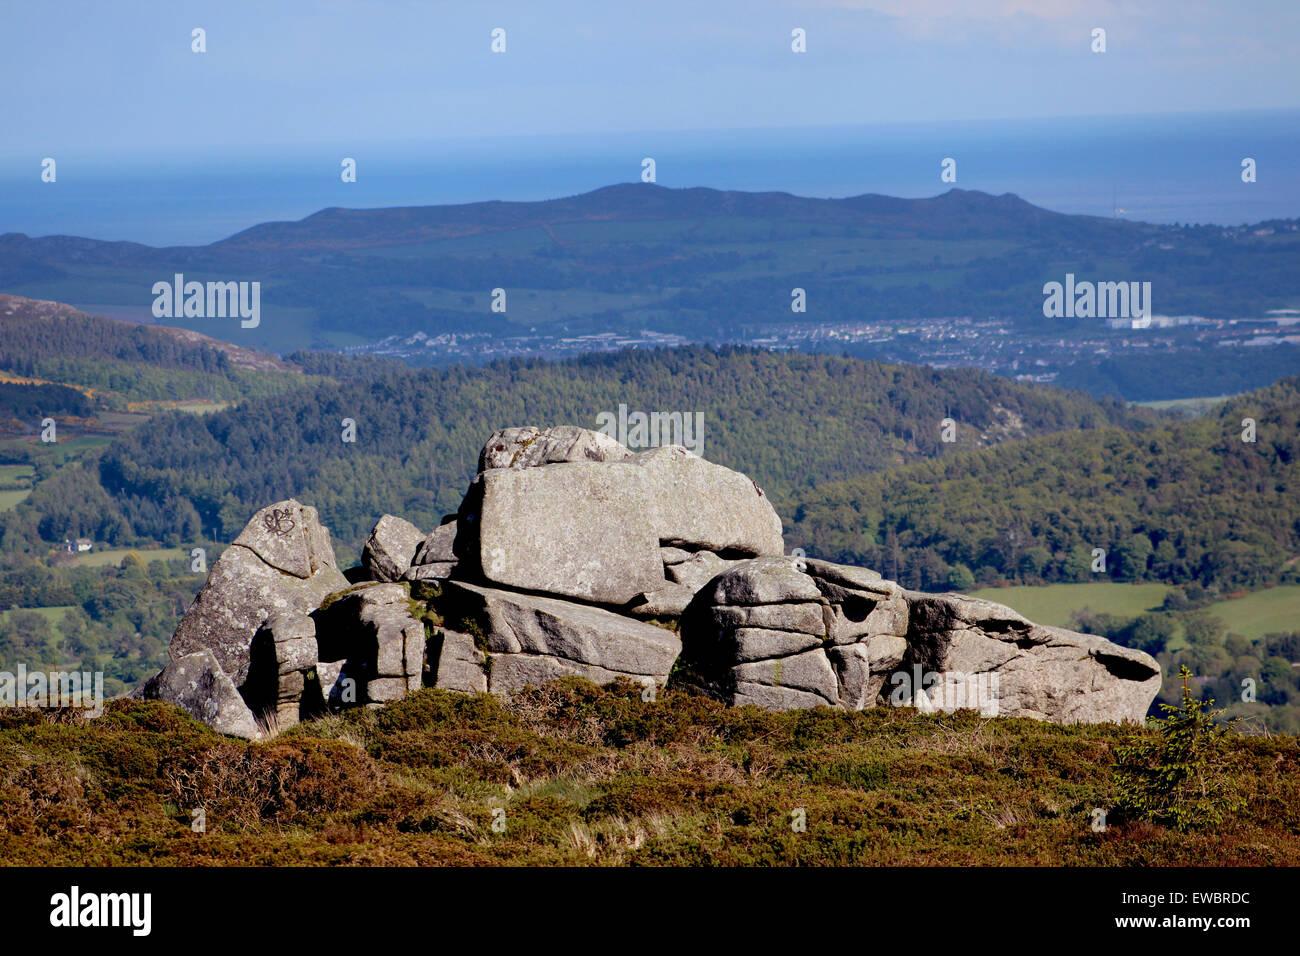 Les montagnes, les montagnes, les montagnes, les montagnes, l'absence, l'angle, la crainte, l'arrière Photo Stock